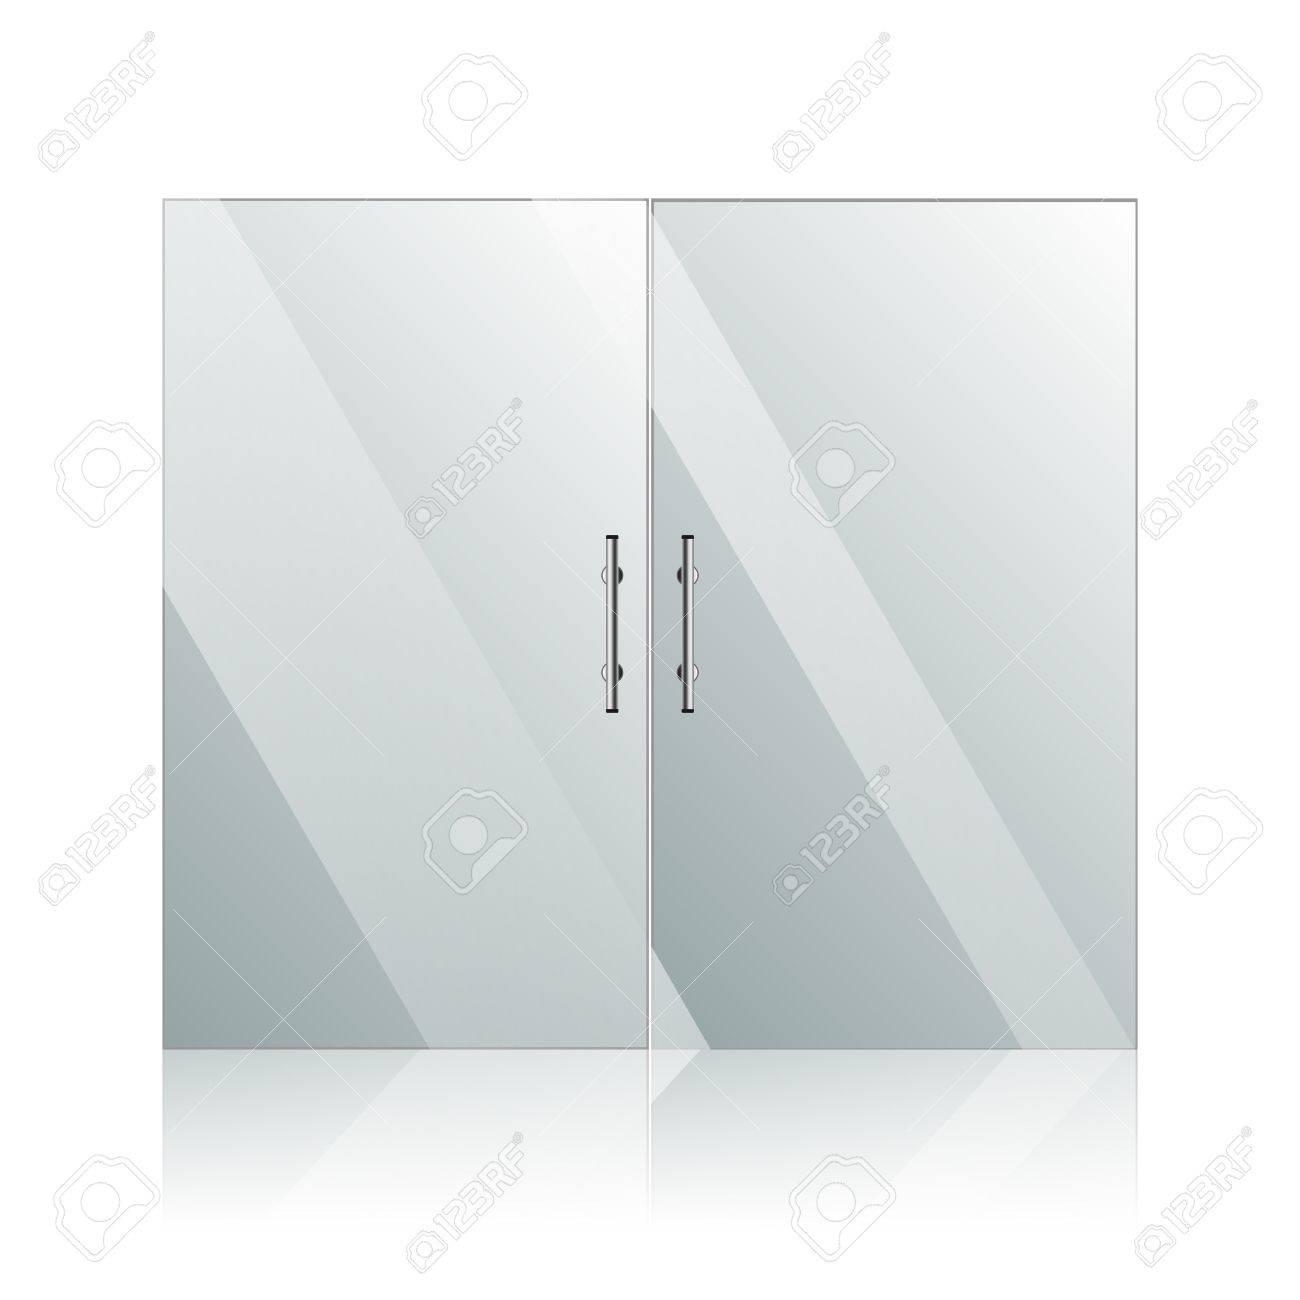 Transparente Glastüren Mit Spiegelbild Im Stahlrahmen Isoliert Auf ...